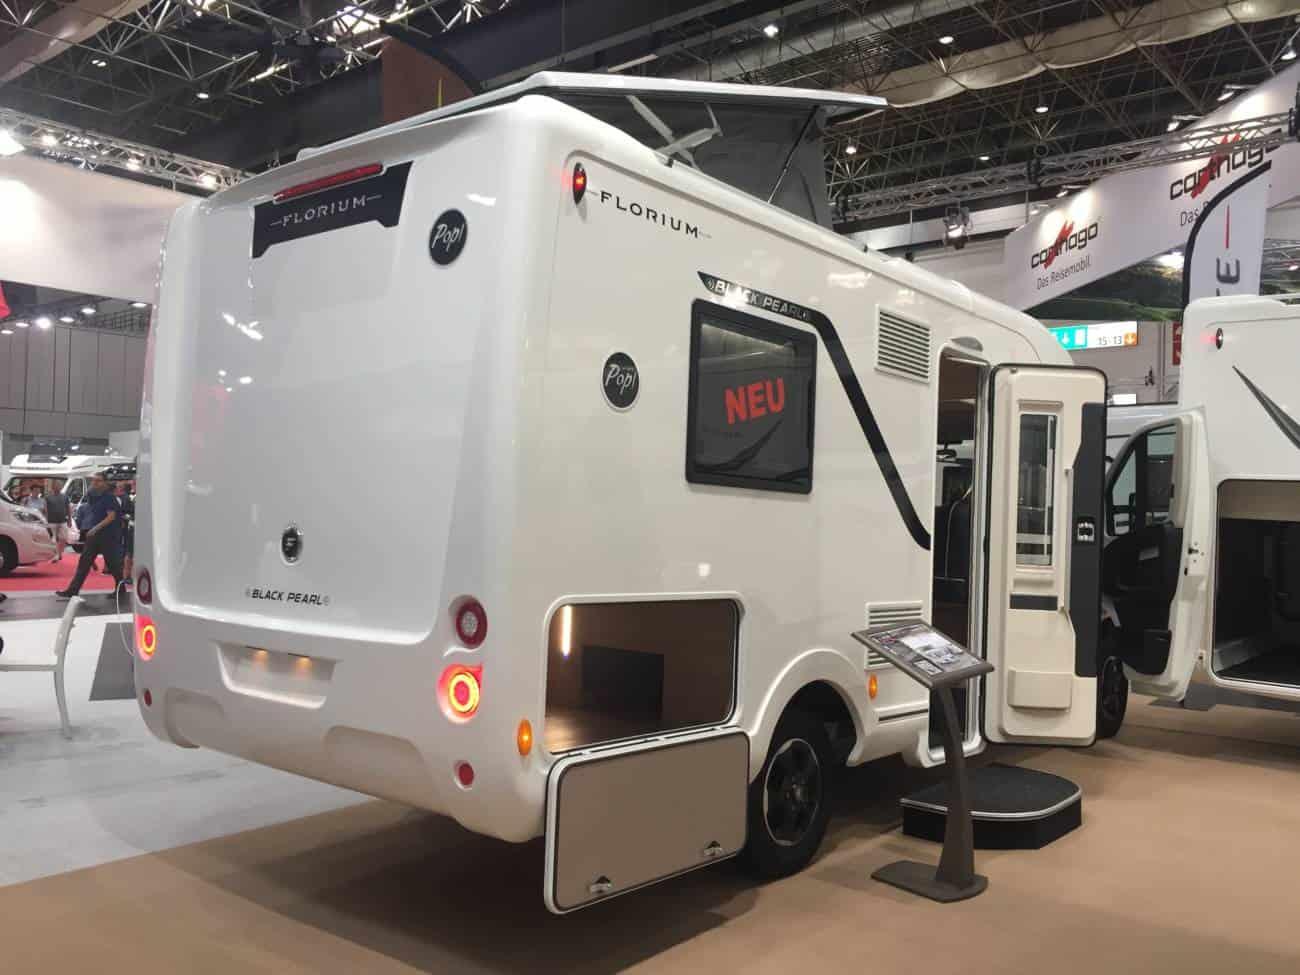 Le rv les plus innovantes au Salon de la Caravane de 2019 à Düsseldorf